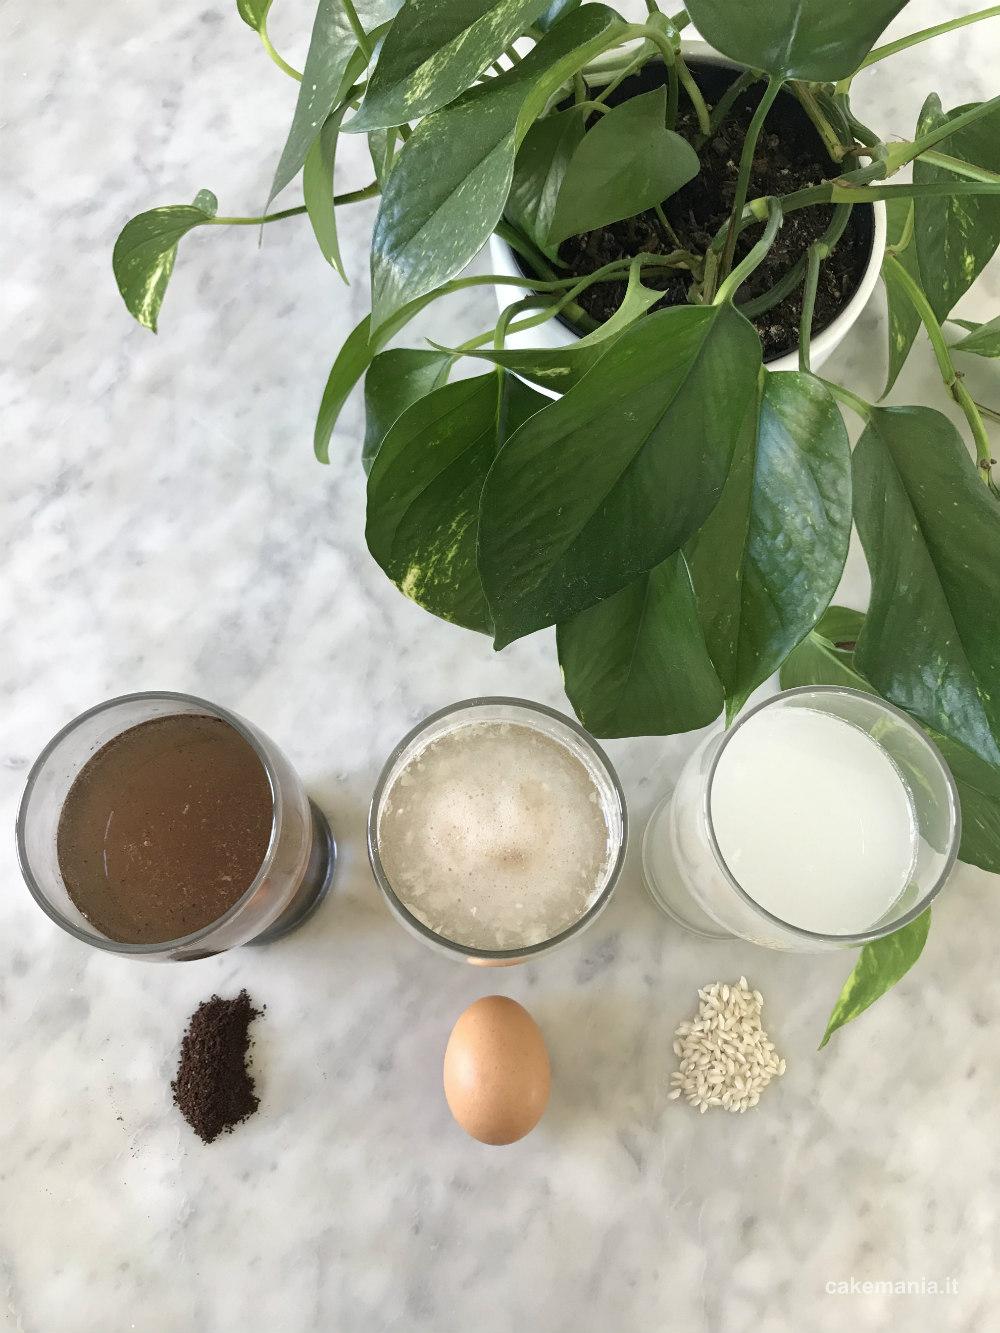 tre fertilizzanti naturali con scarti di cucina